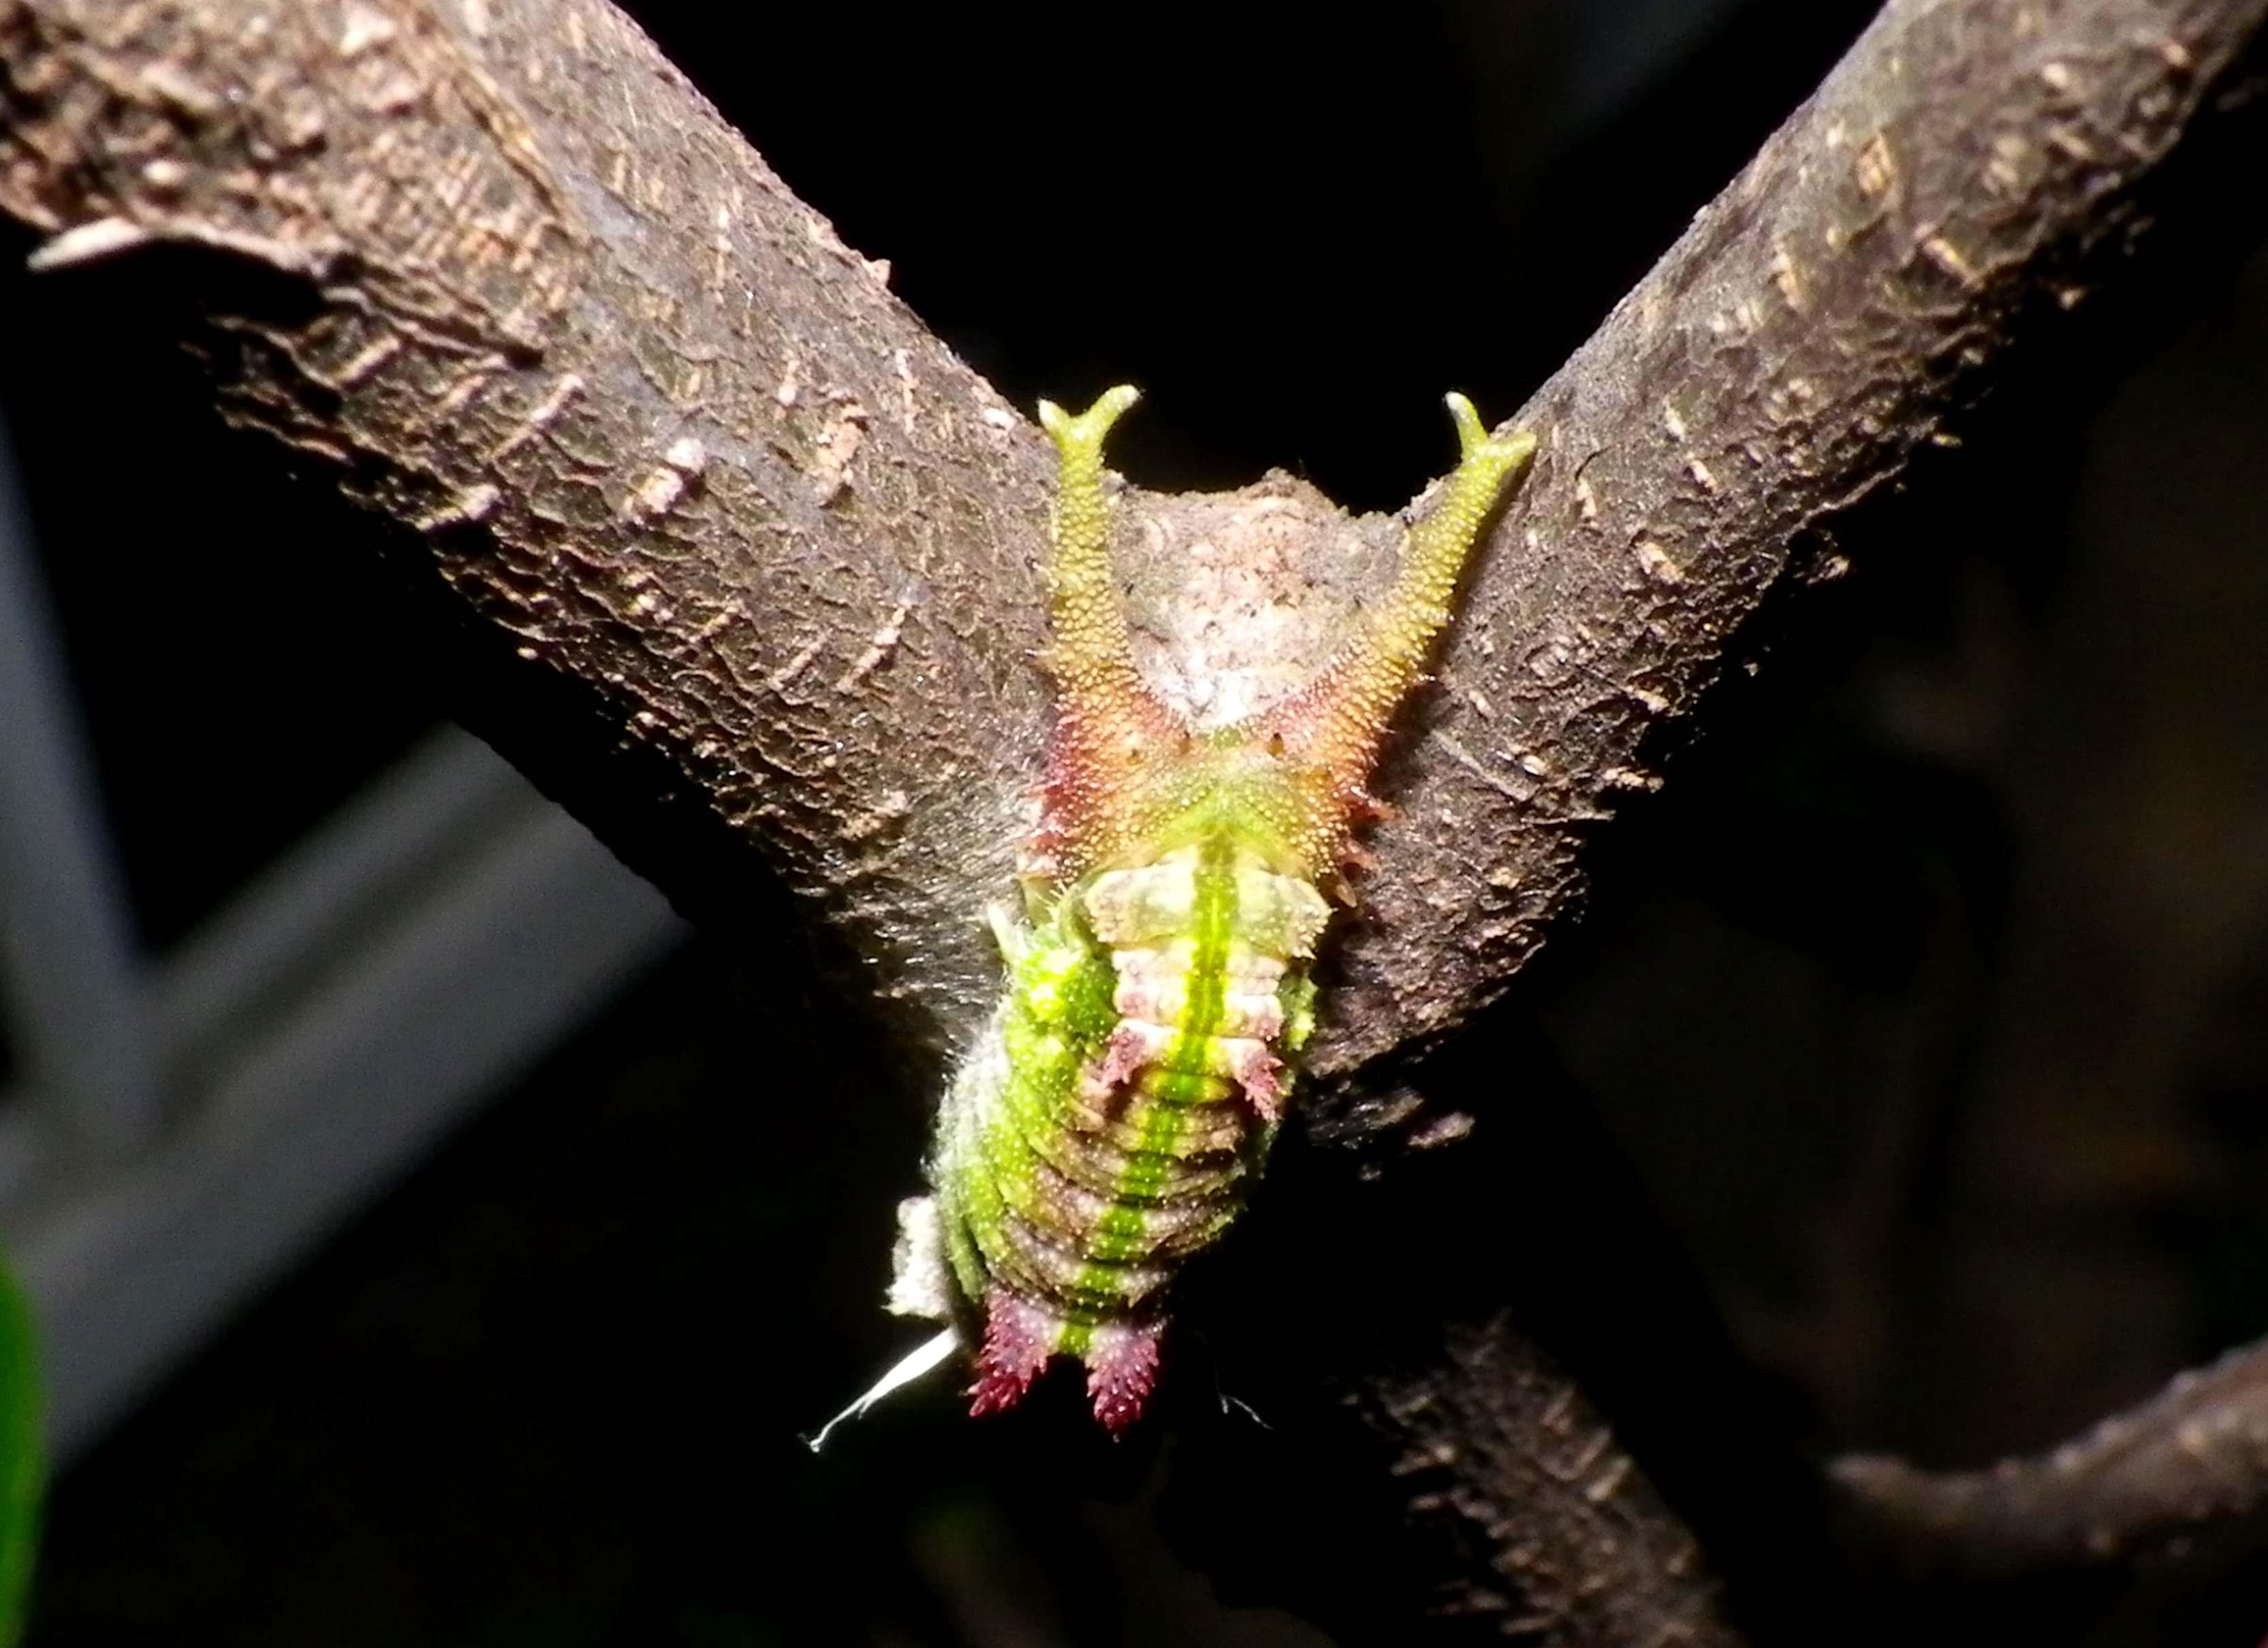 ゴマダラチョウの幼虫 変身!_d0254540_18481230.jpg